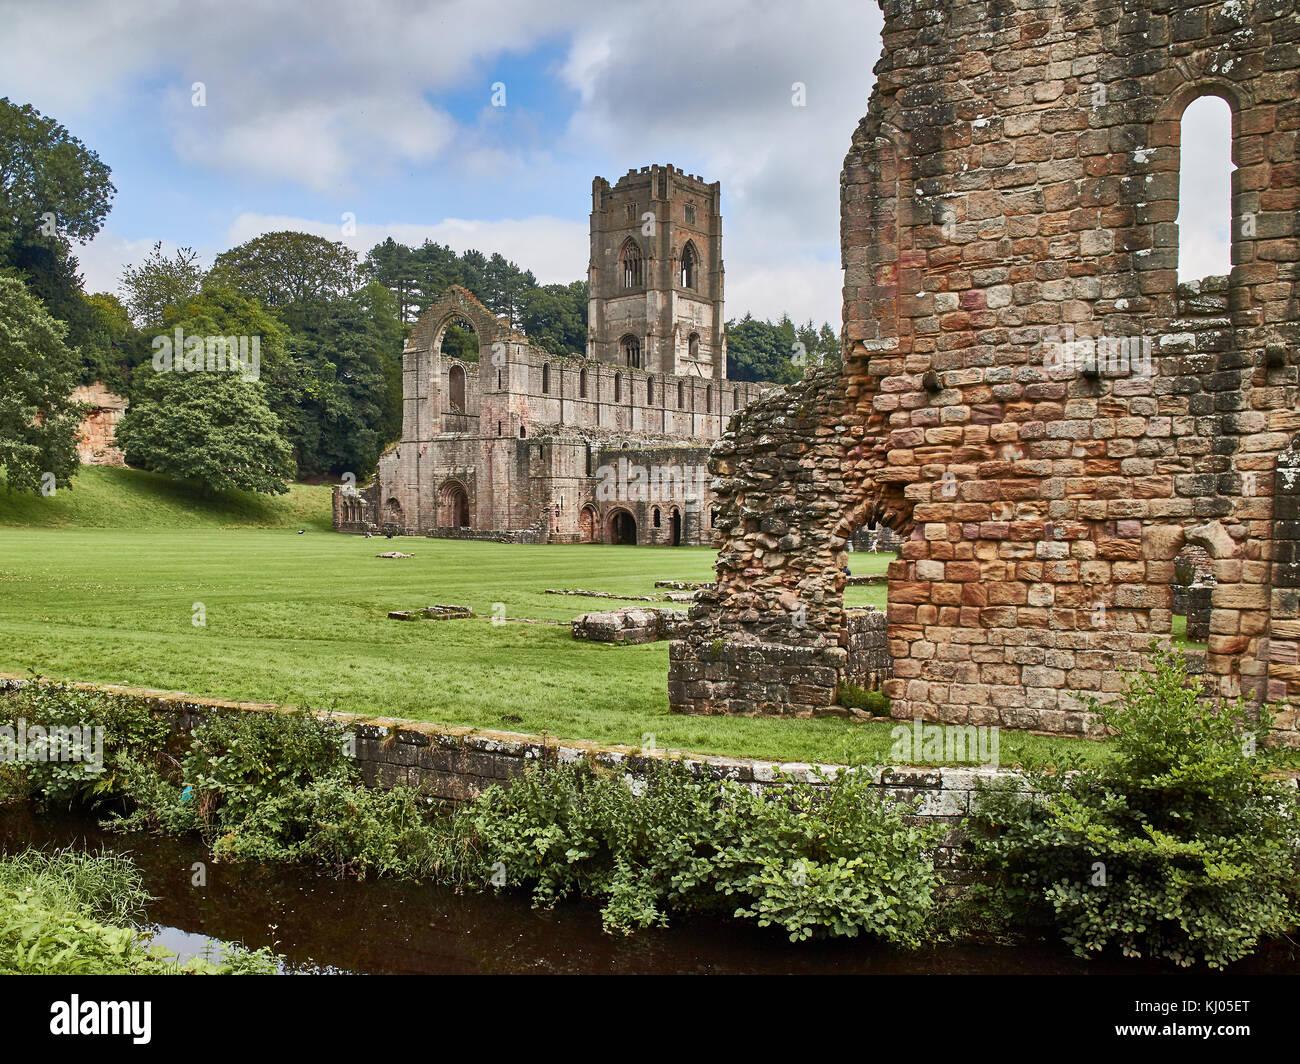 L'Angleterre, NorthYorkshire; les ruines de l'abbaye Cistercienne du 12ème siècle connu Photo Stock